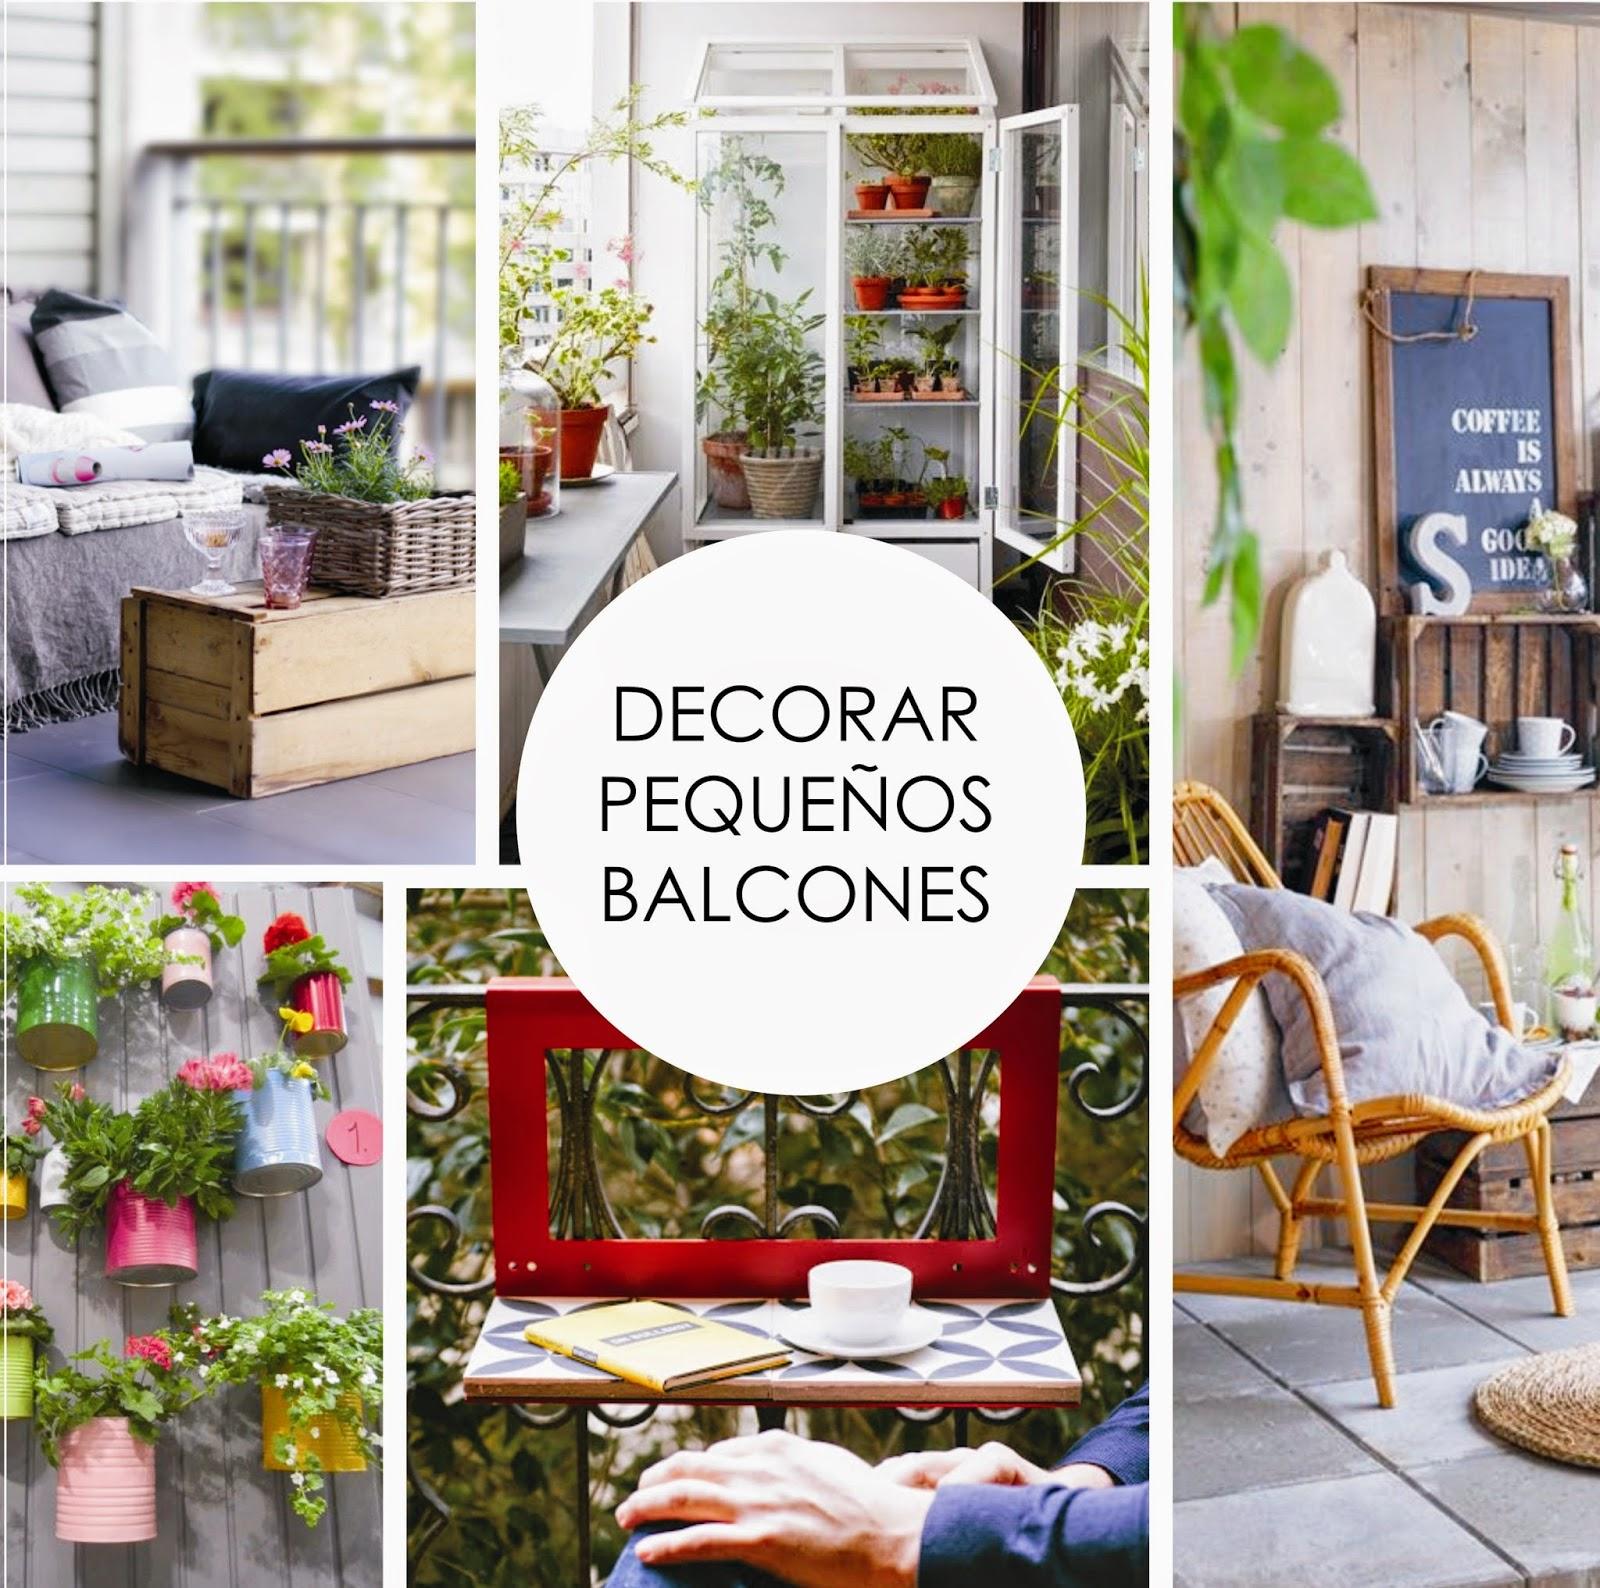 Y un poco de dise o decorar y aprovechar peque os balcones - Balcones con encanto ...